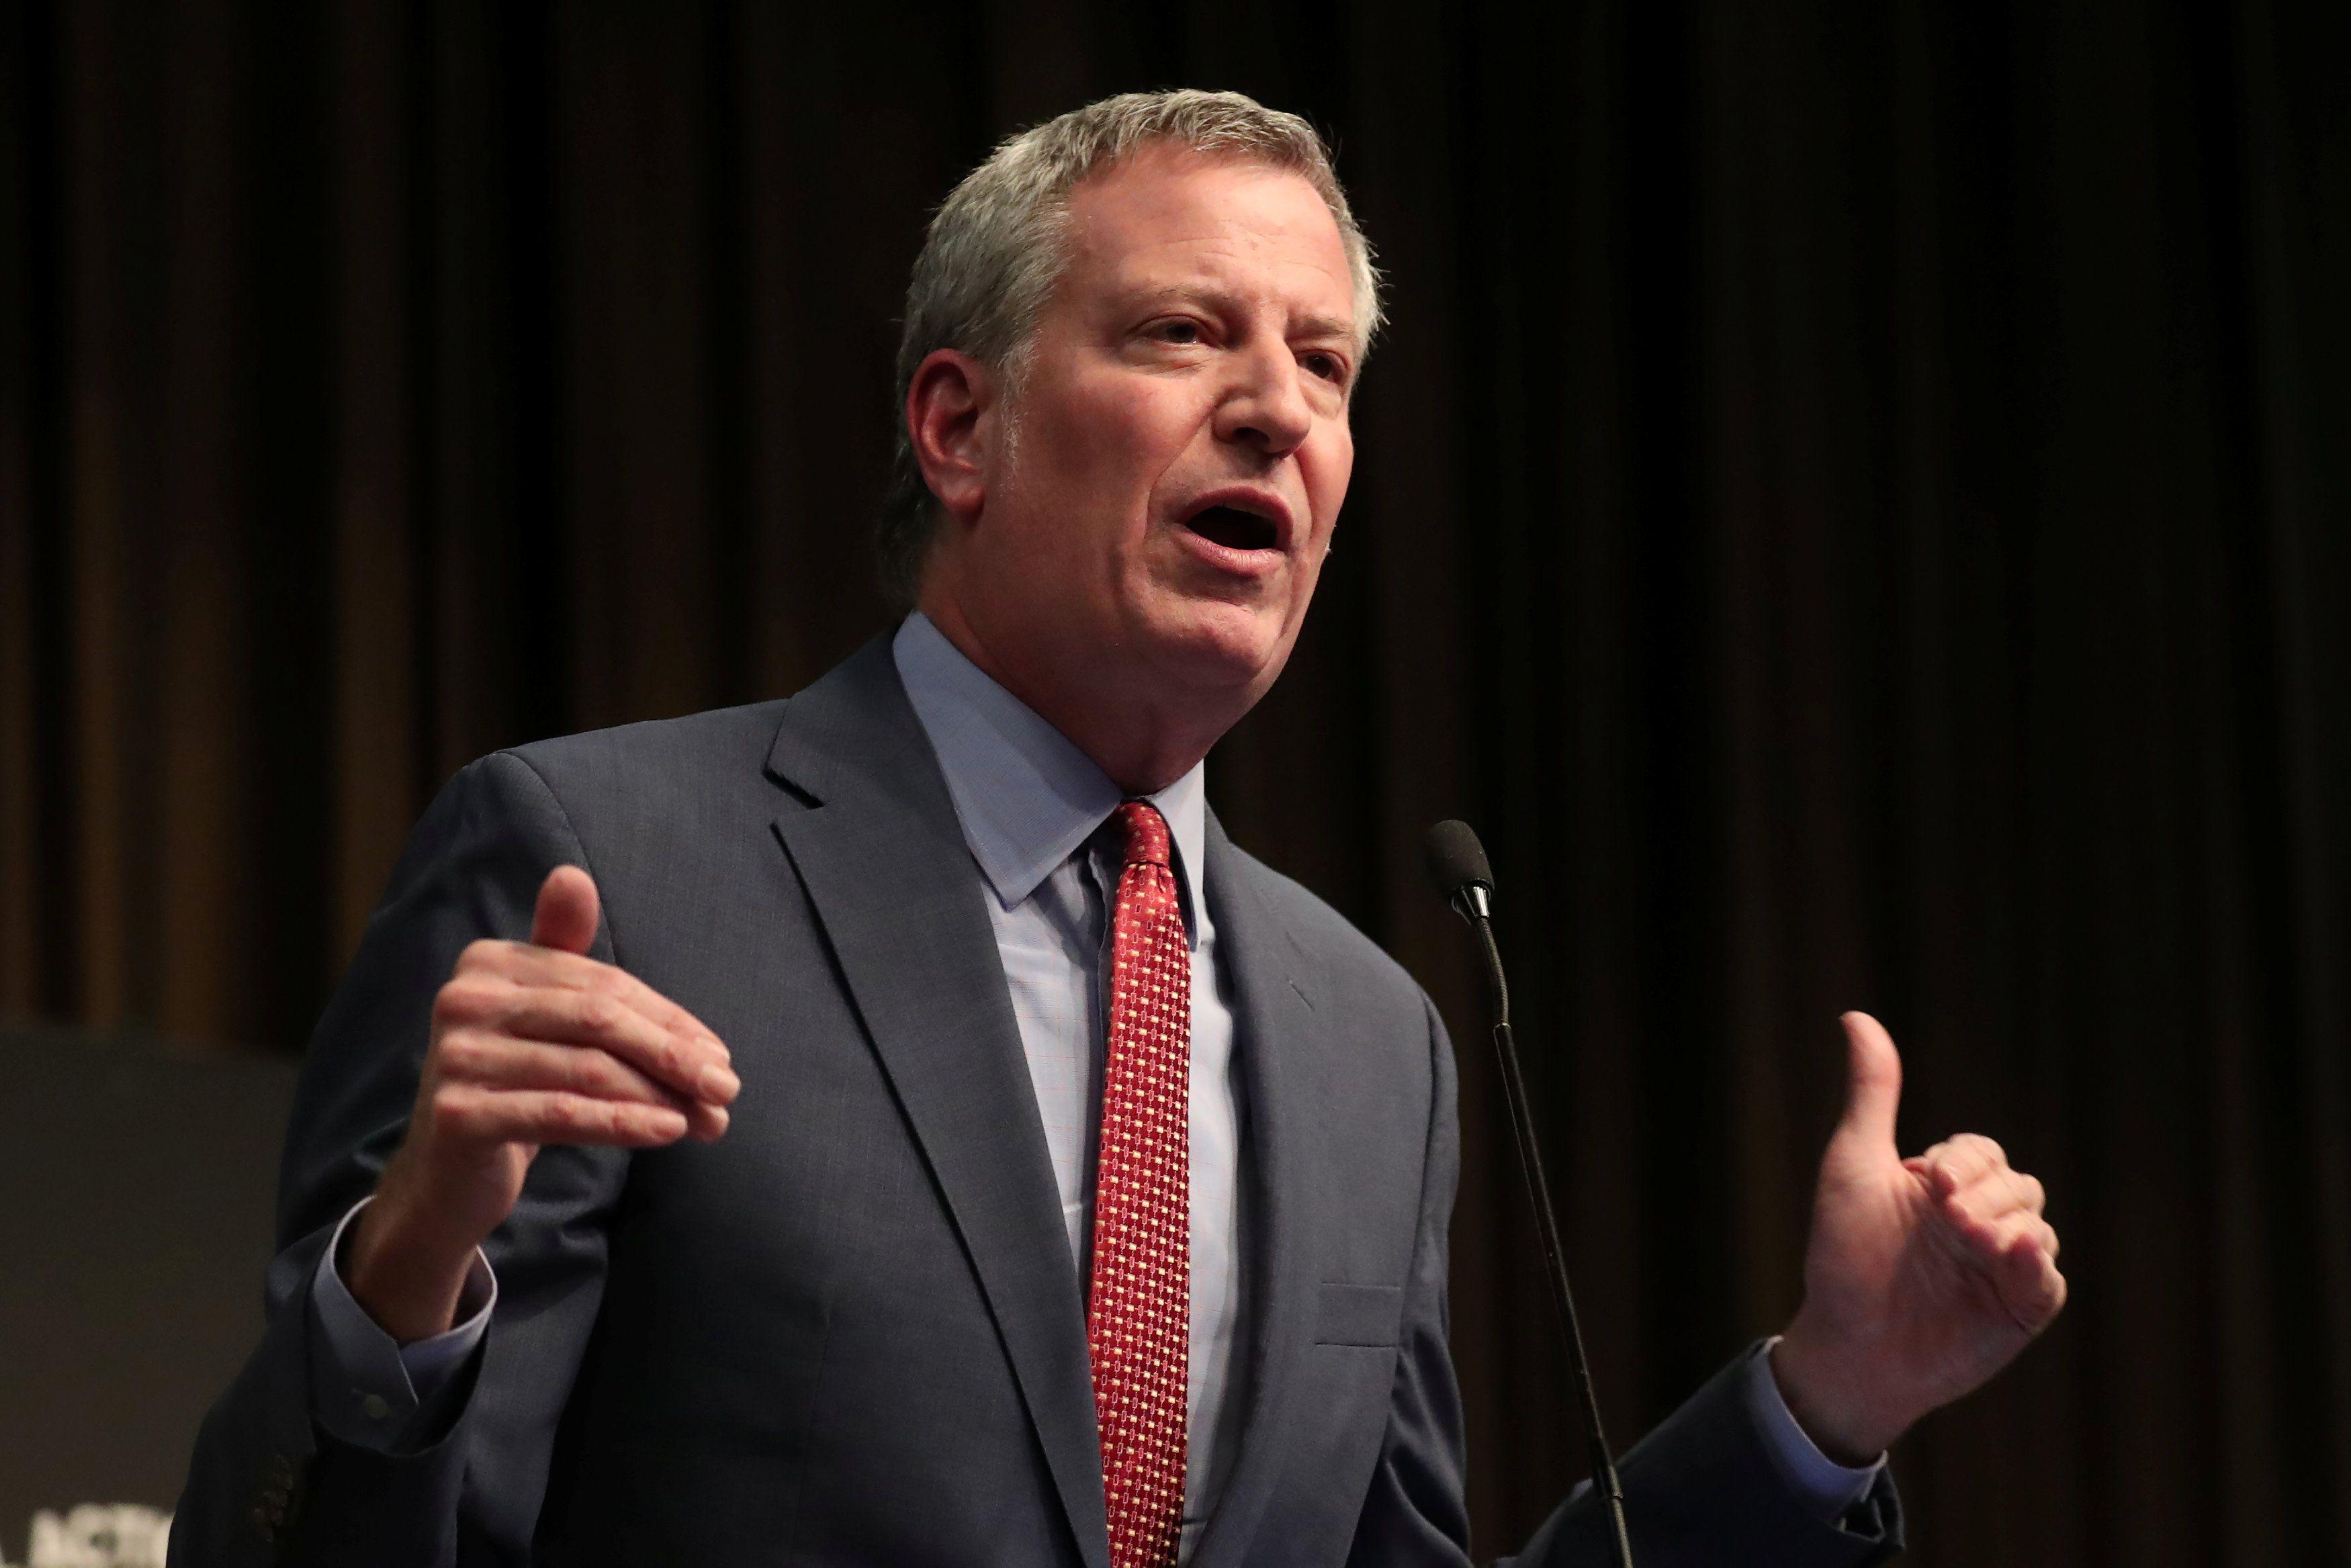 El alcalde de la ciudad de Nueva York, Bill de Blasio, habla en la Convención Nacional de la Red de Acción Nacional 2019 en Nueva York, el 3 de abril de 2019 (REUTERS/Shannon Stapleton)